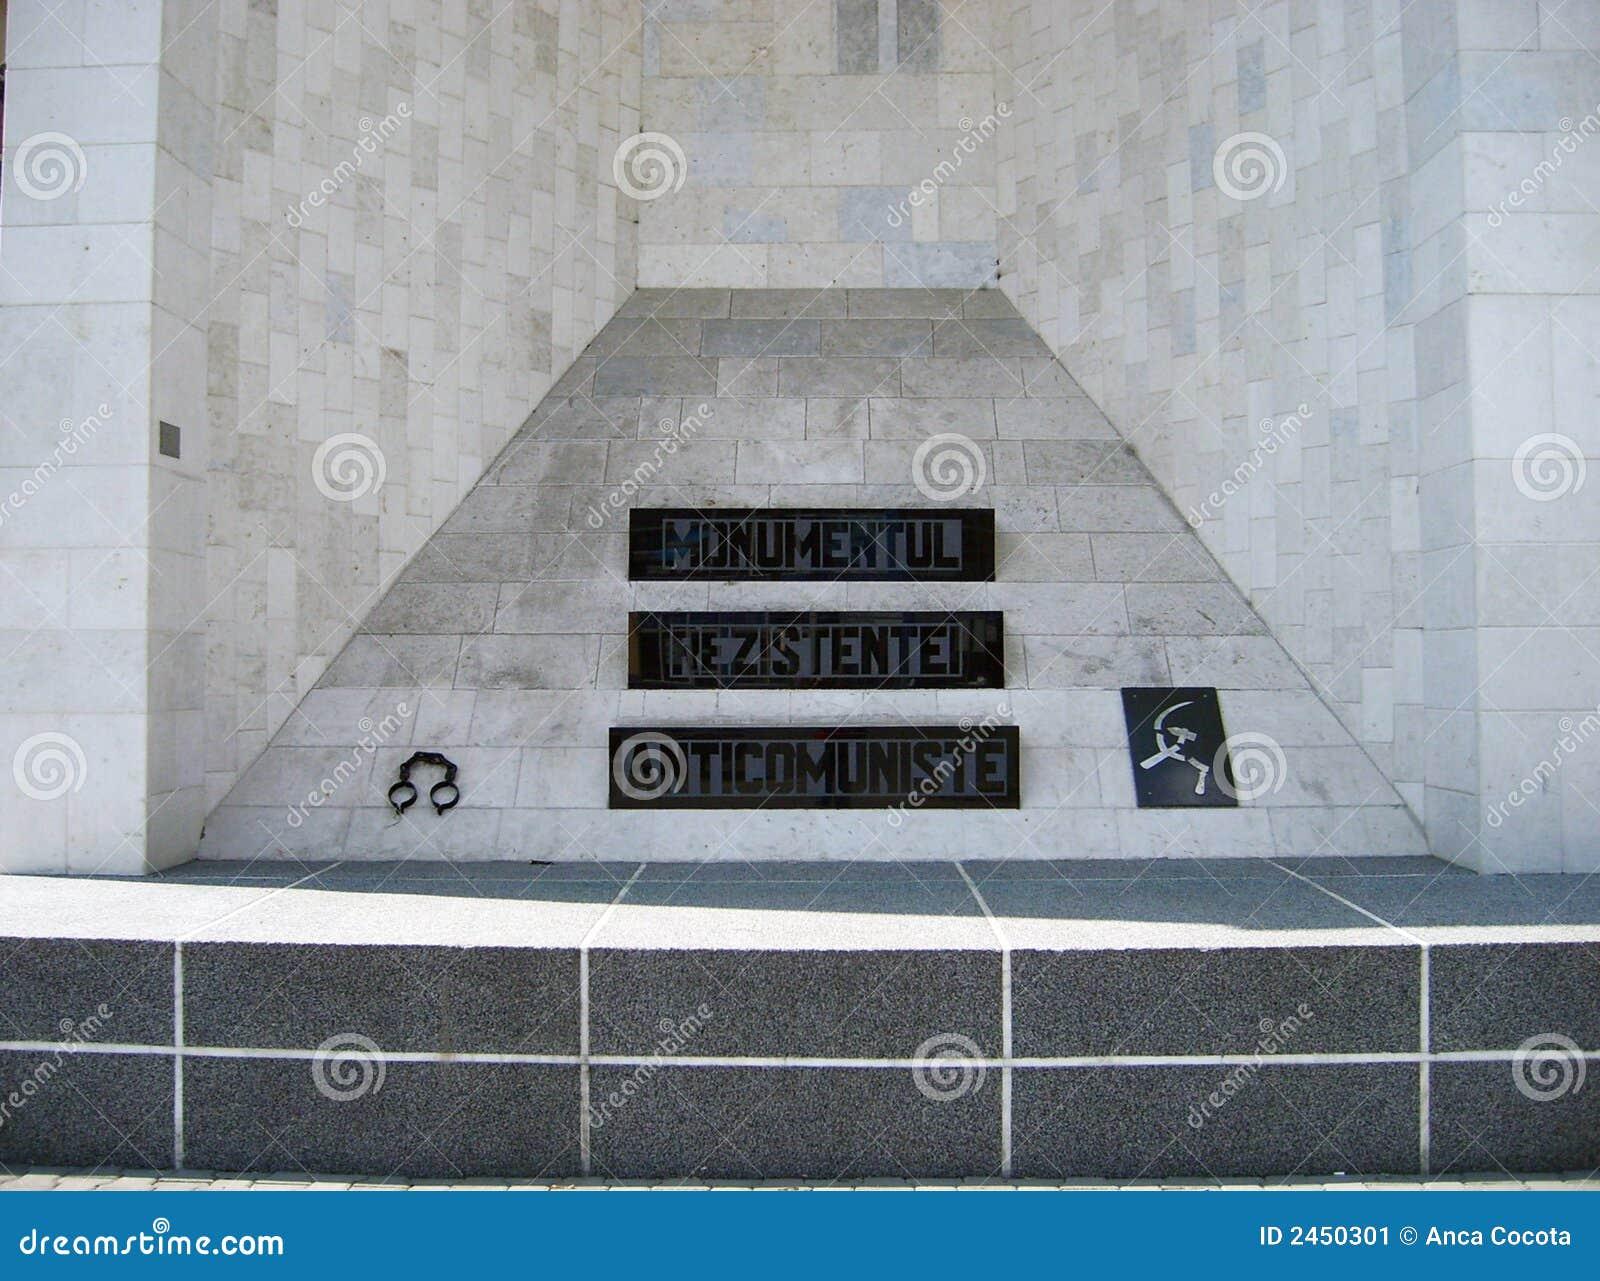 Pomnik antykomunistyczny